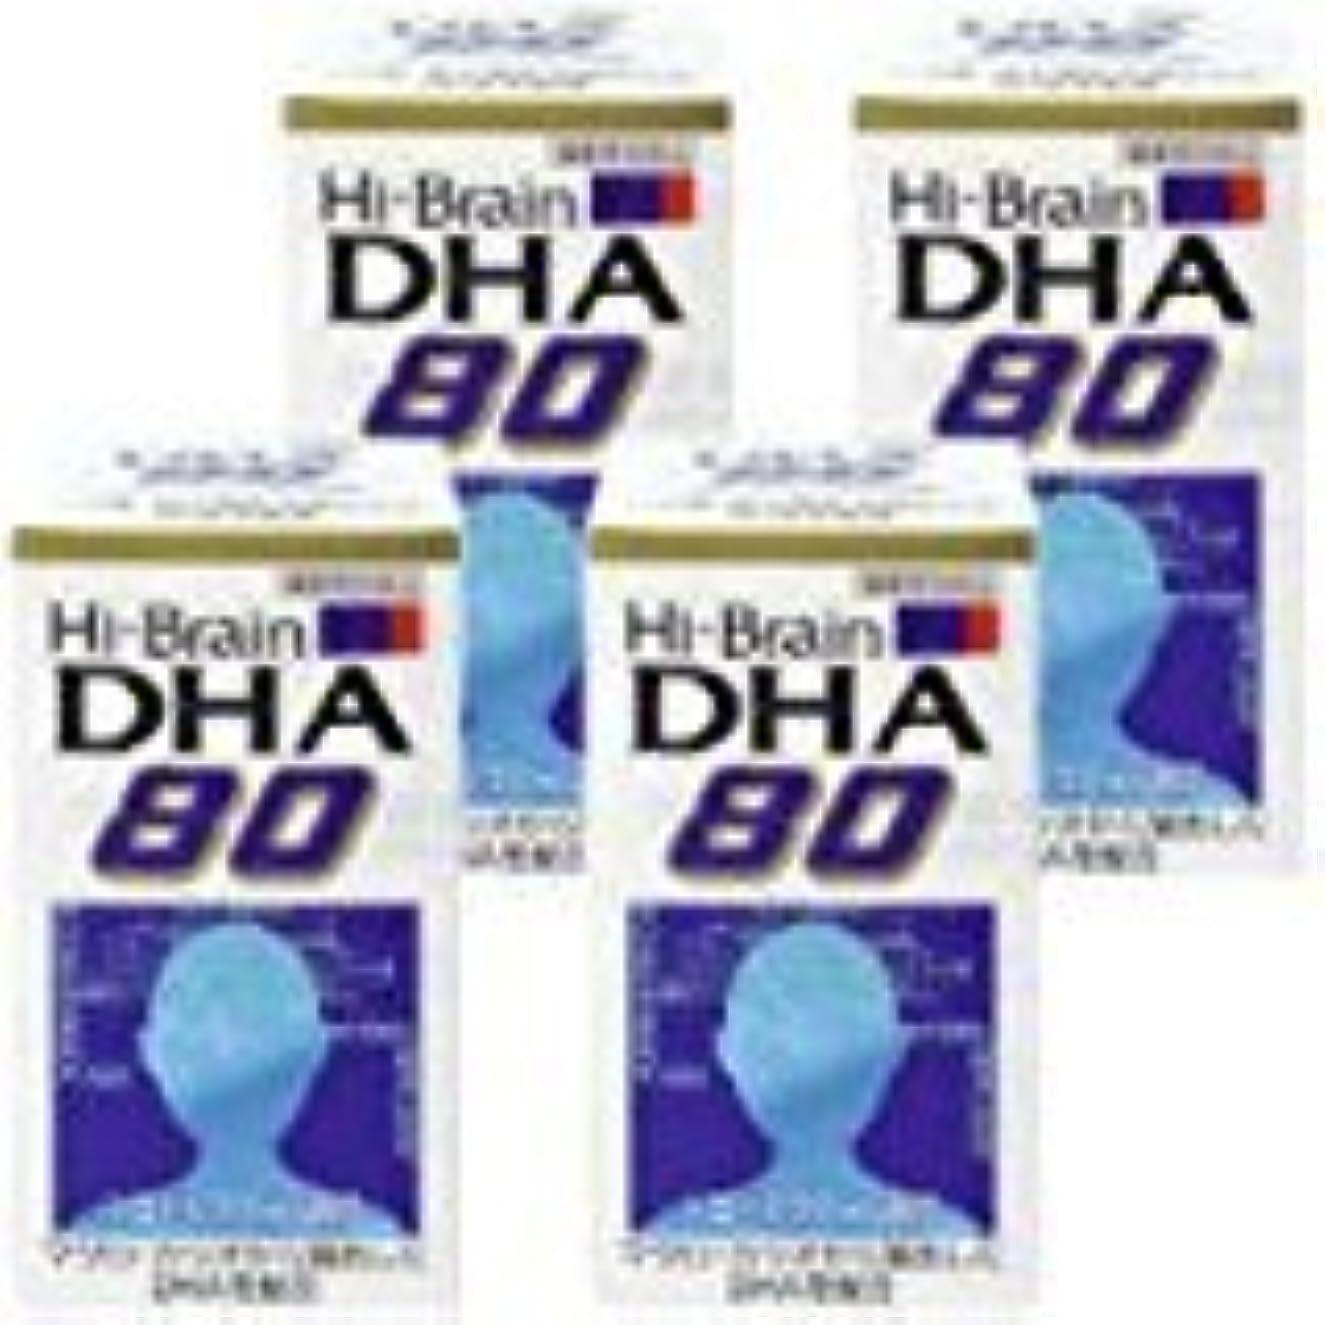 ハイブレーンDHA80 4個